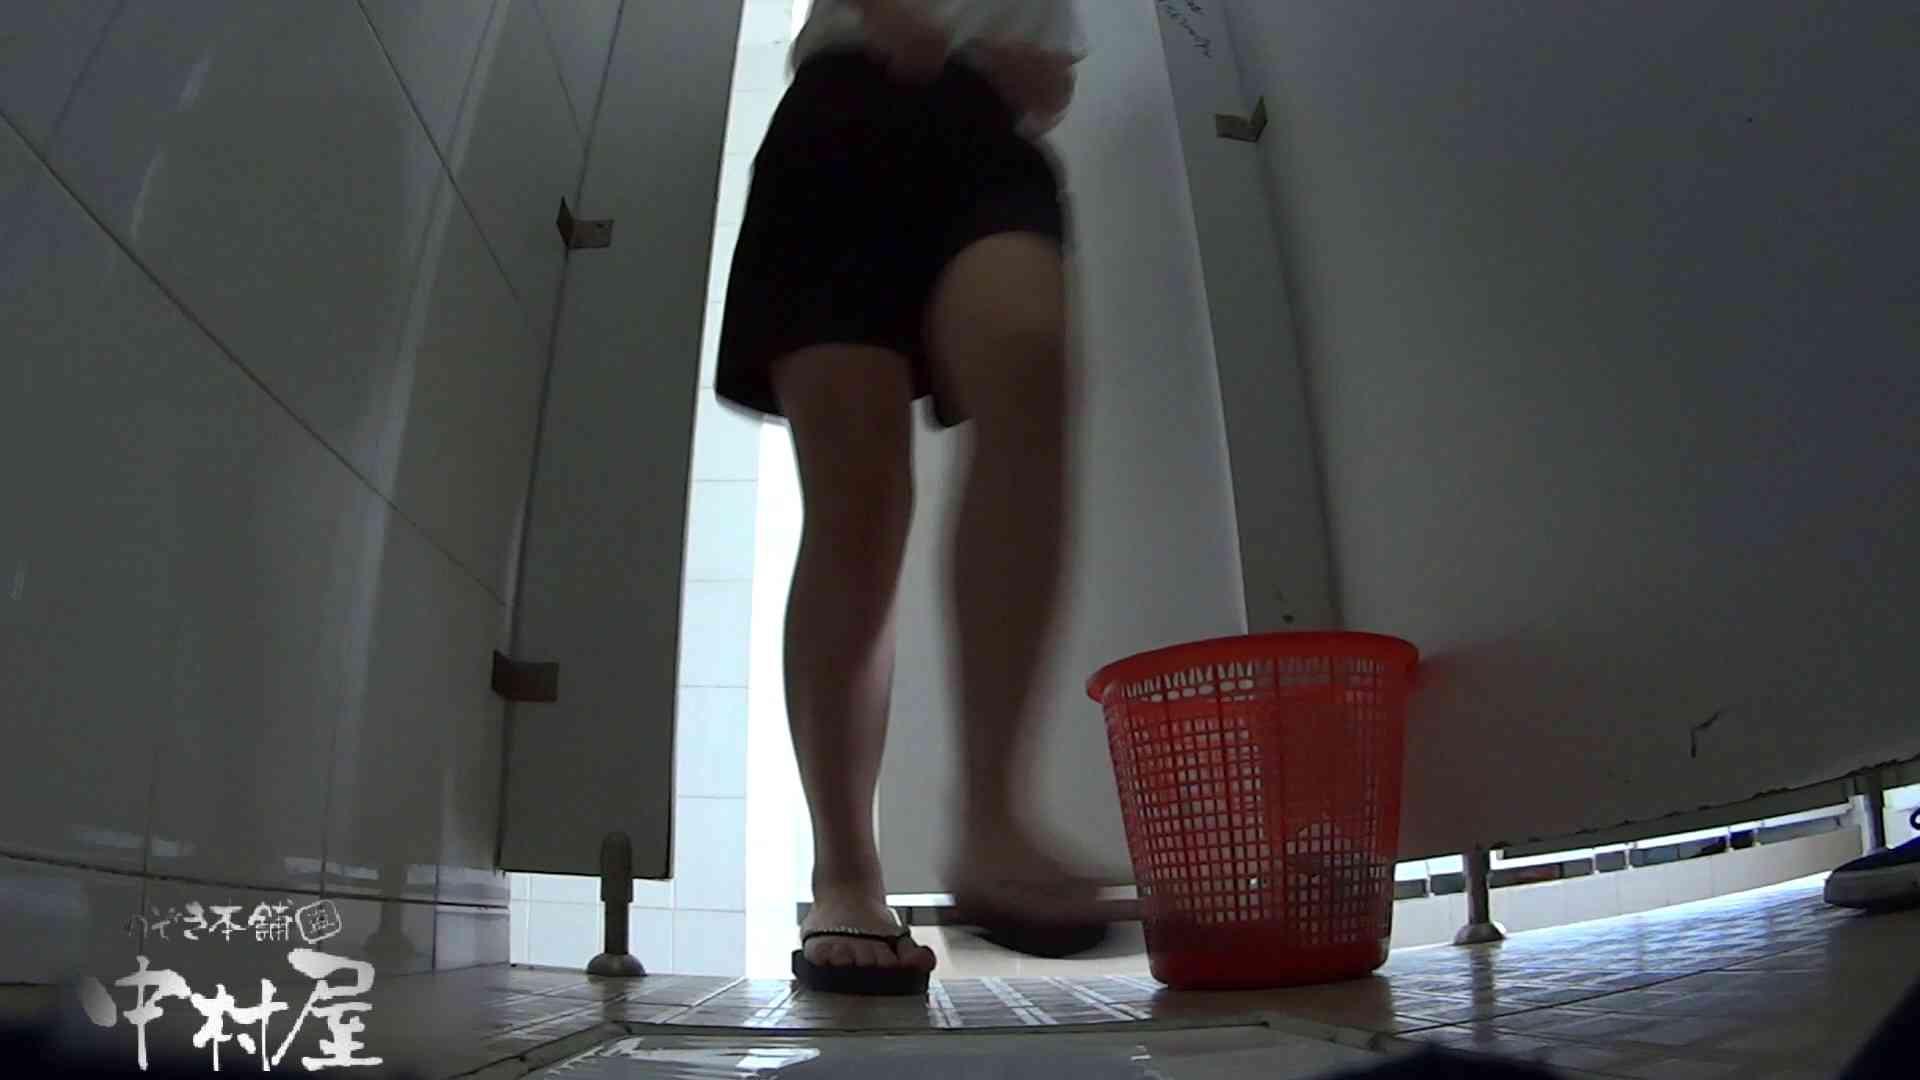 アジアンビューティー達の聖水 大学休憩時間の洗面所事情24 0 | 0  83連発 45